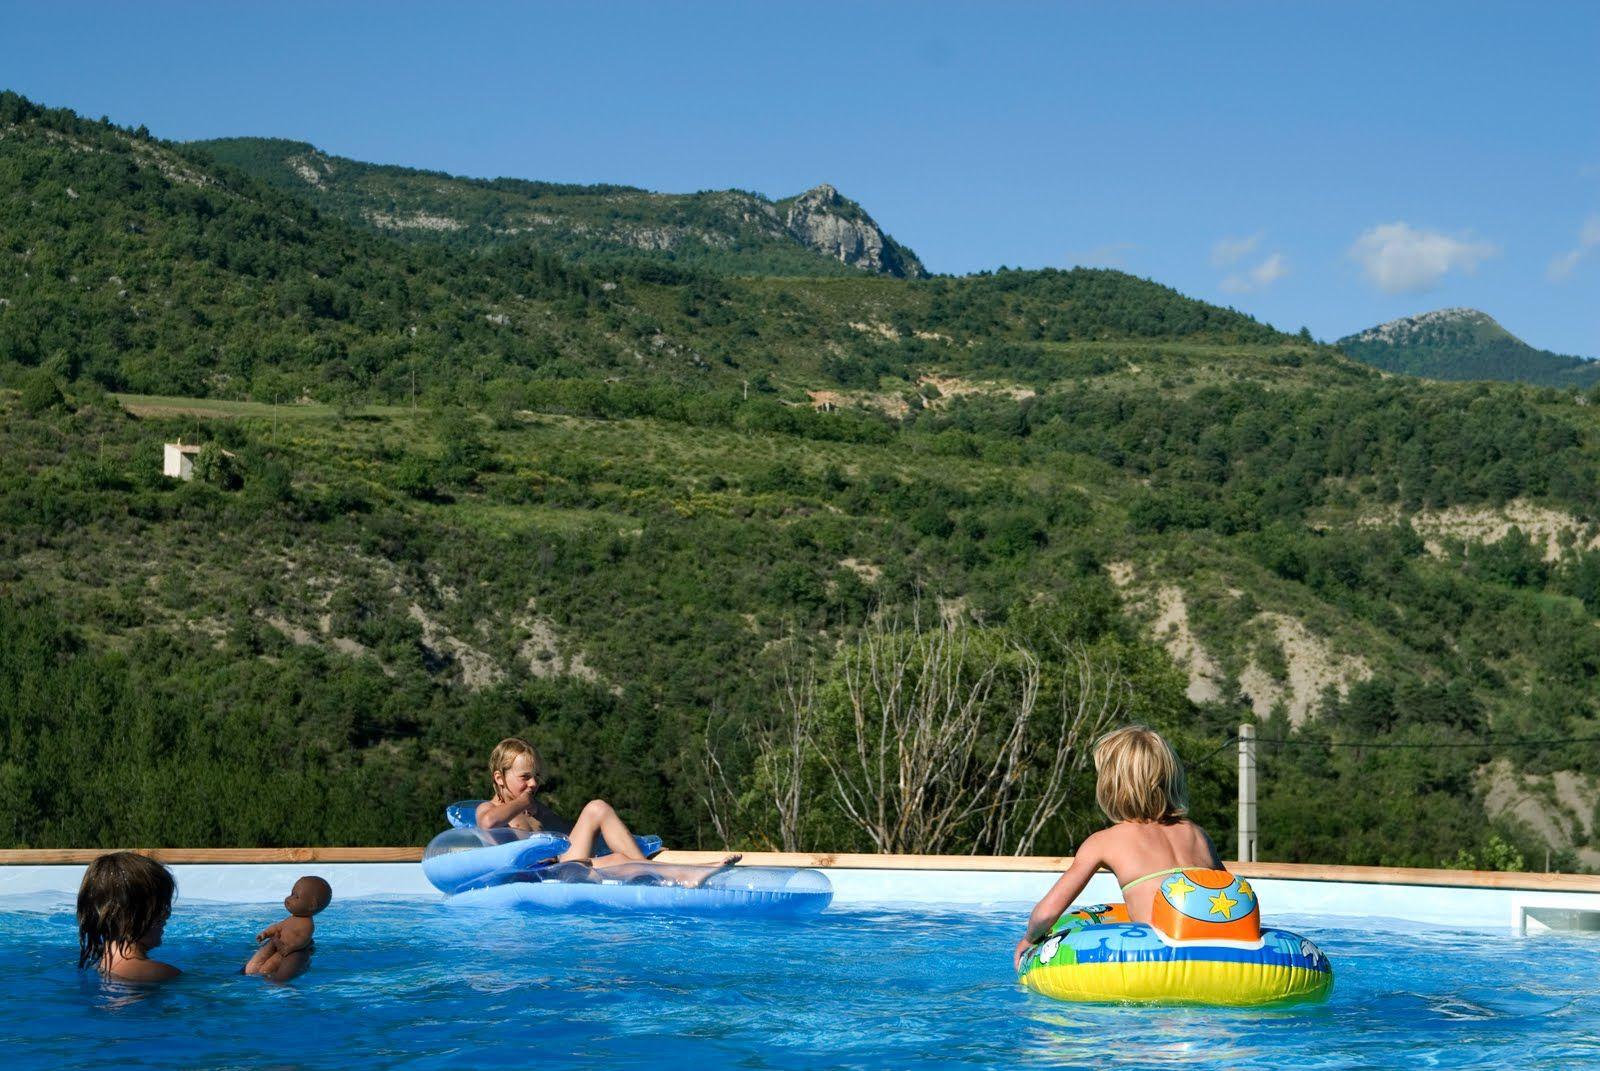 Camping Avec Piscine - Camping Drome Provencale - La Ferme ... intérieur Piscine Drome